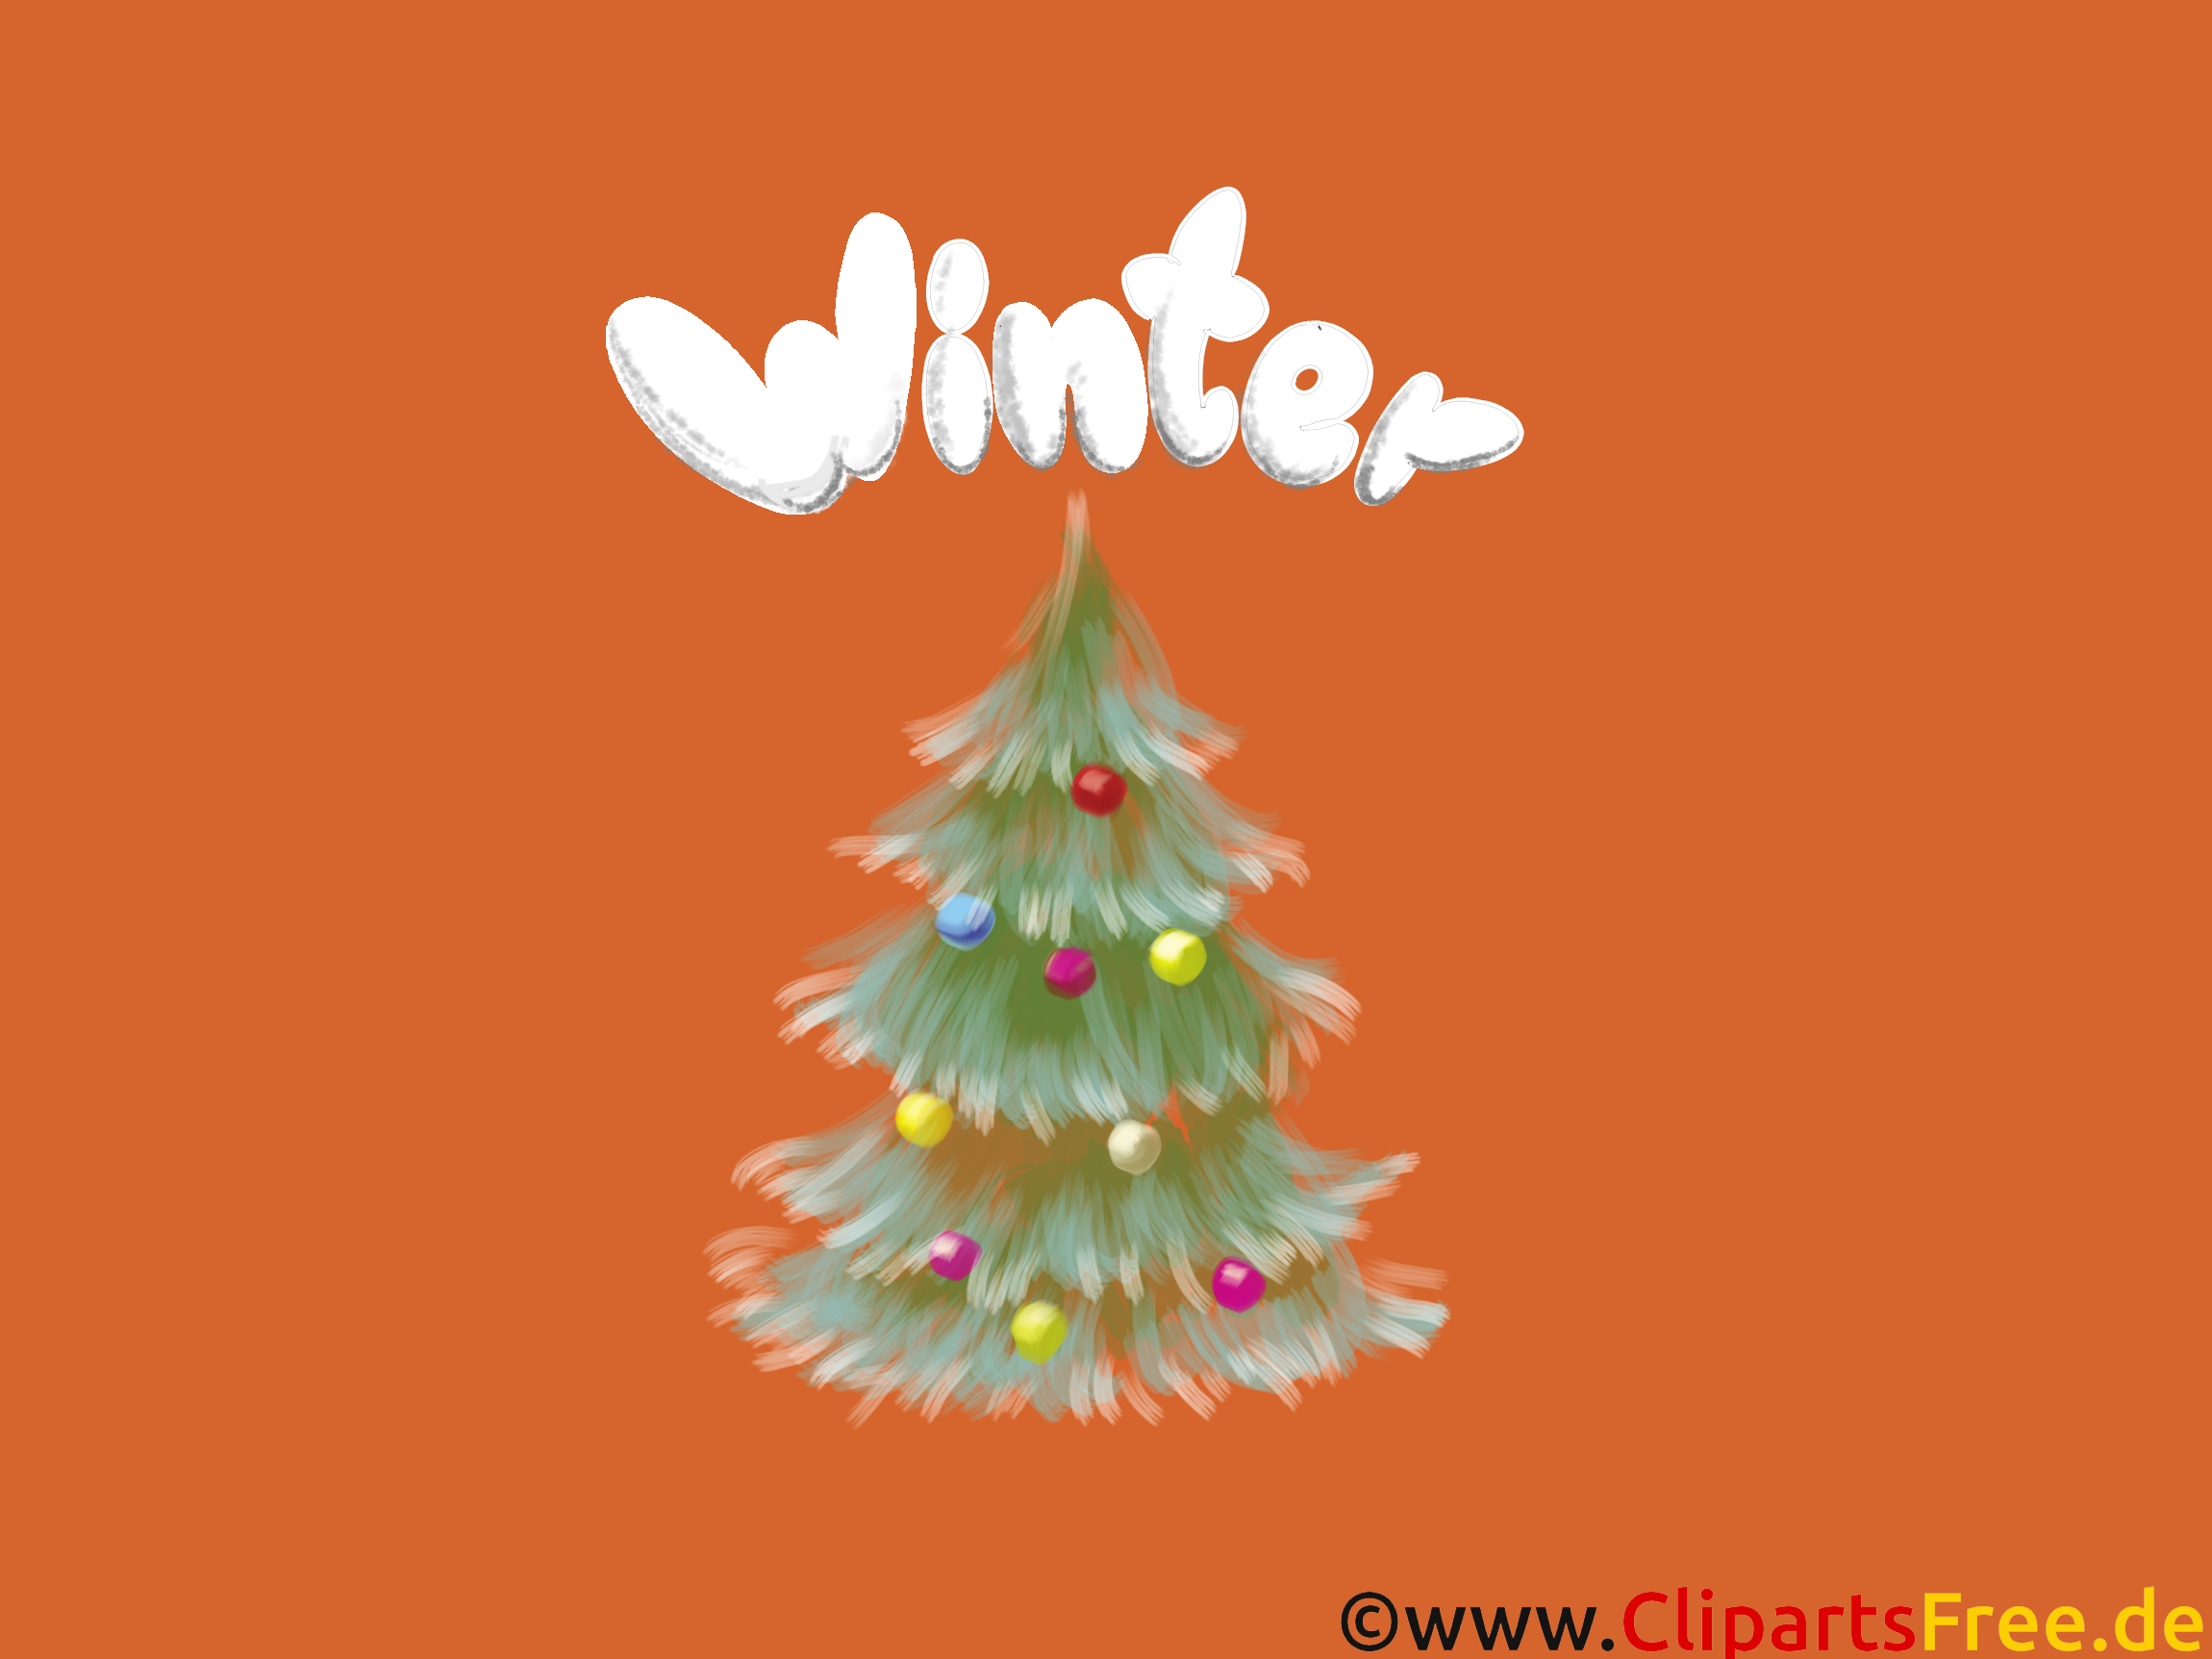 Hintergrundbild kostenlos Weihnachtsbaum, Winter, Weihnachten